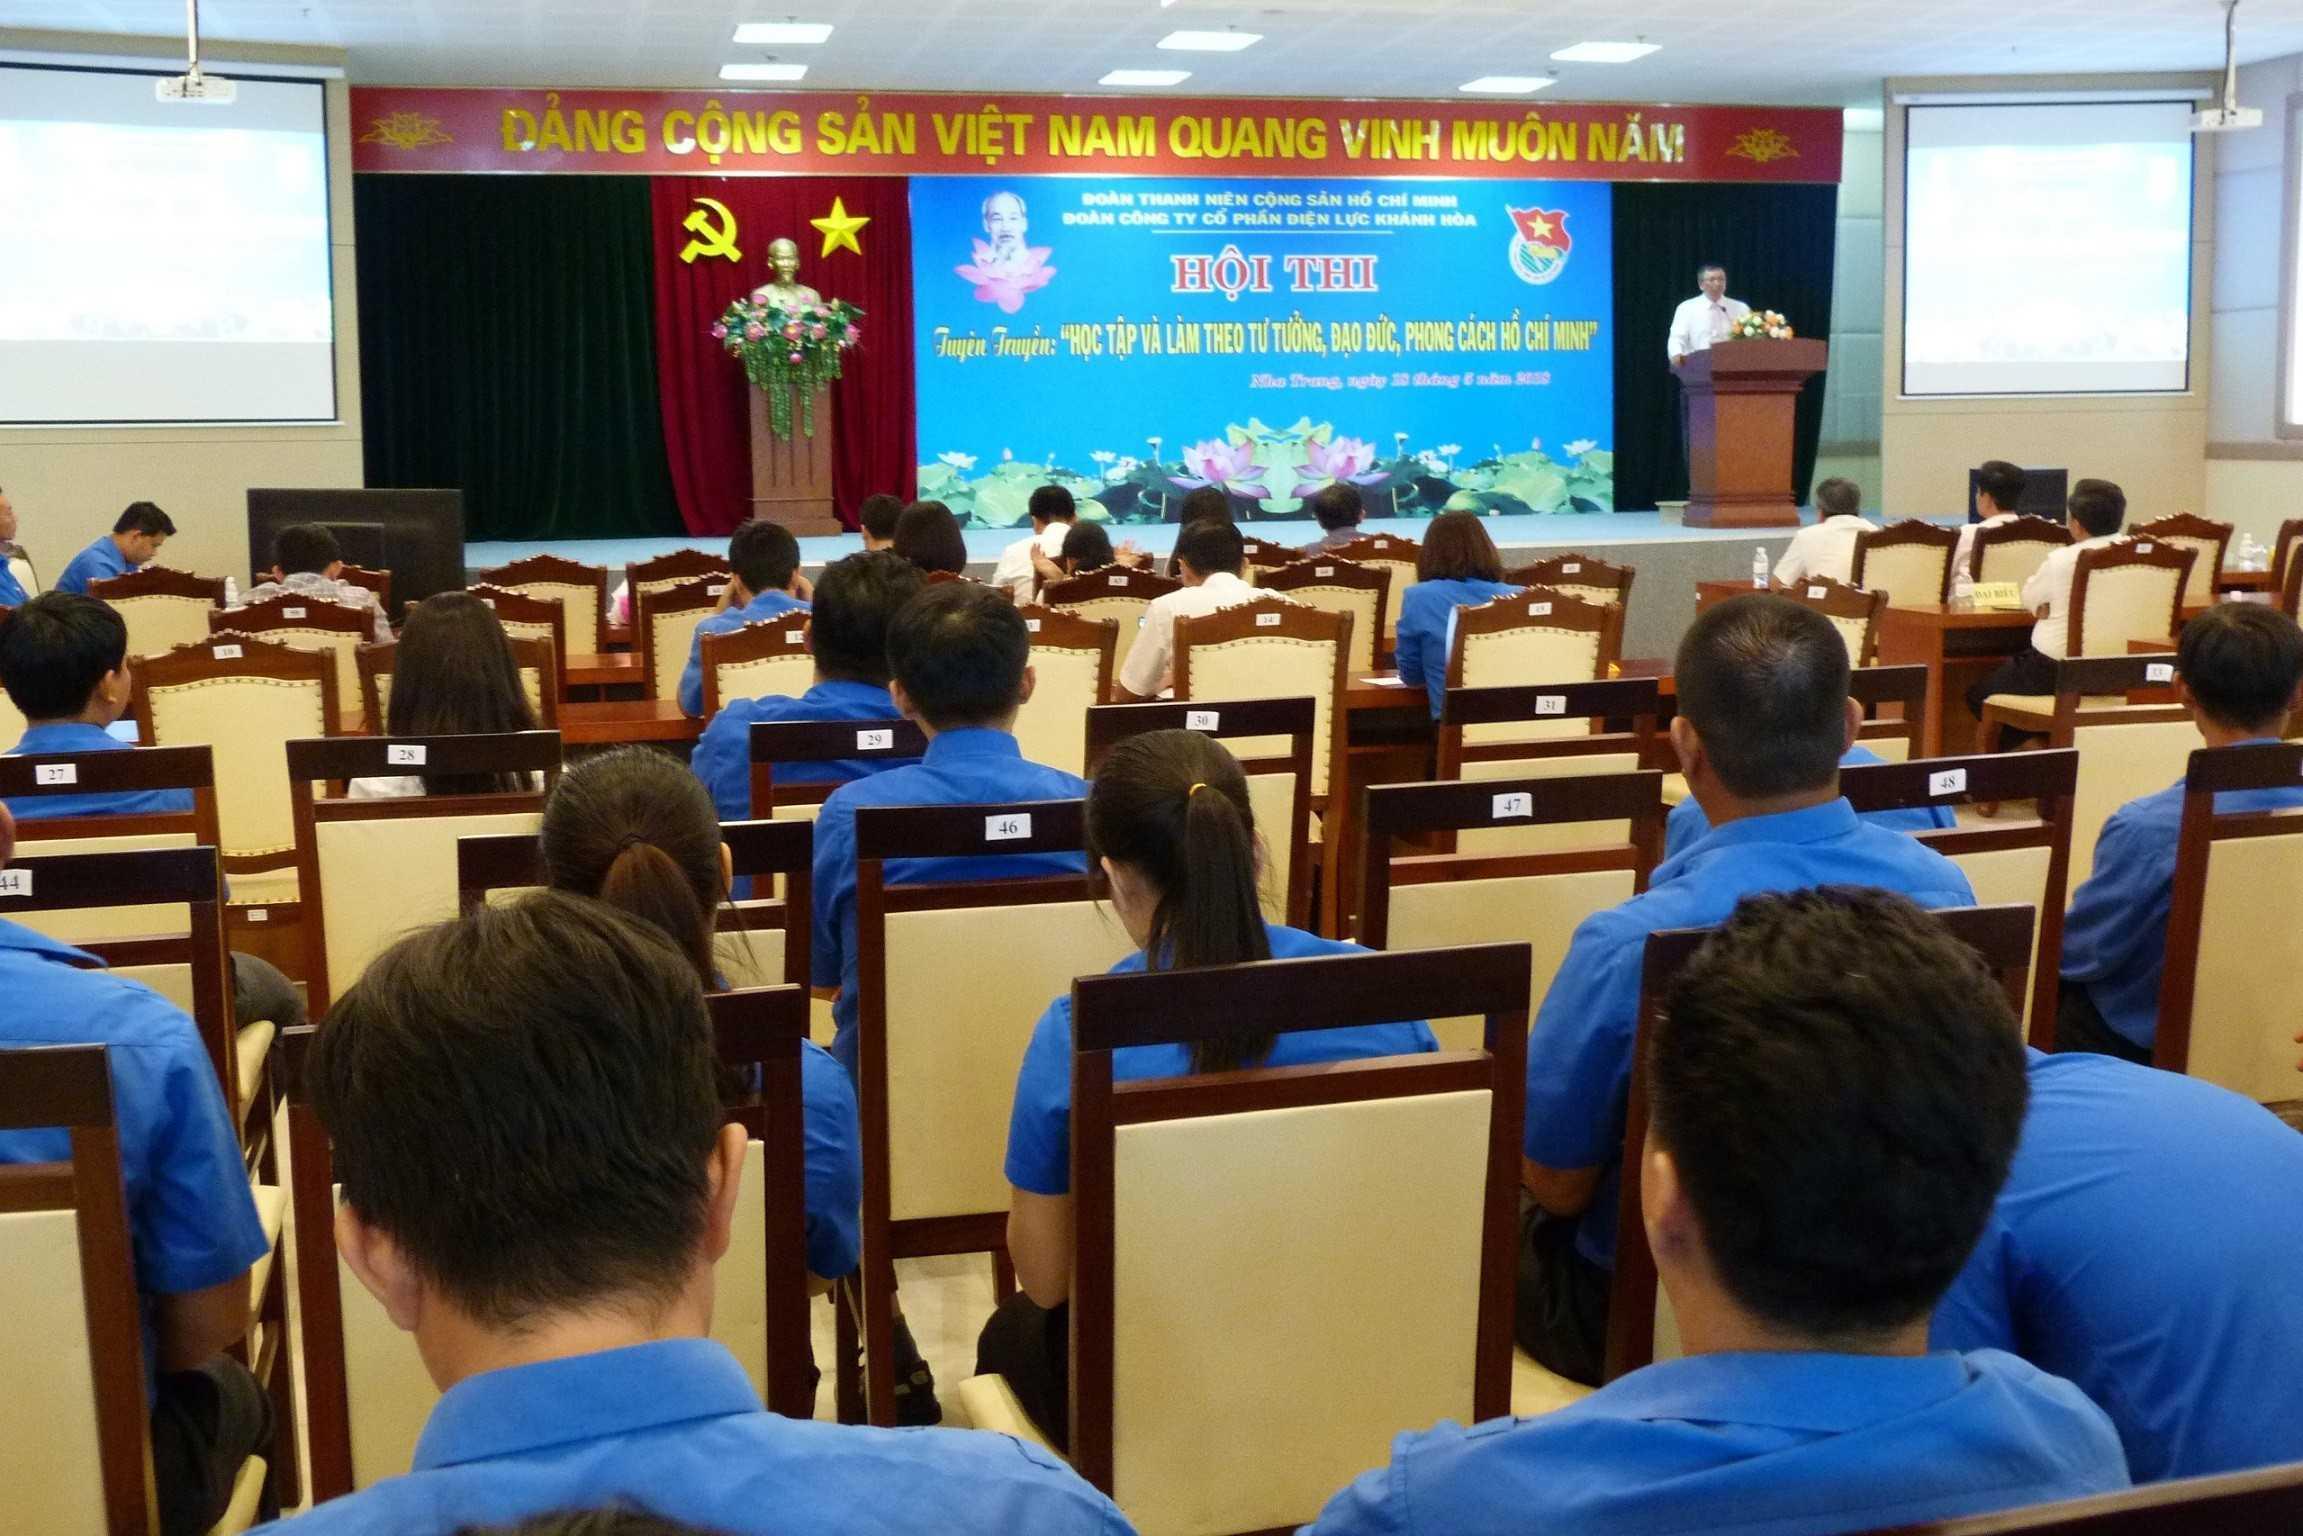 1 TGD Ng Cao Ky phat bieu 1 - Tuổi trẻ Công ty Cổ phần Điện lực Khánh Hòa học tập tấm gương Bác Hồ vĩ đại